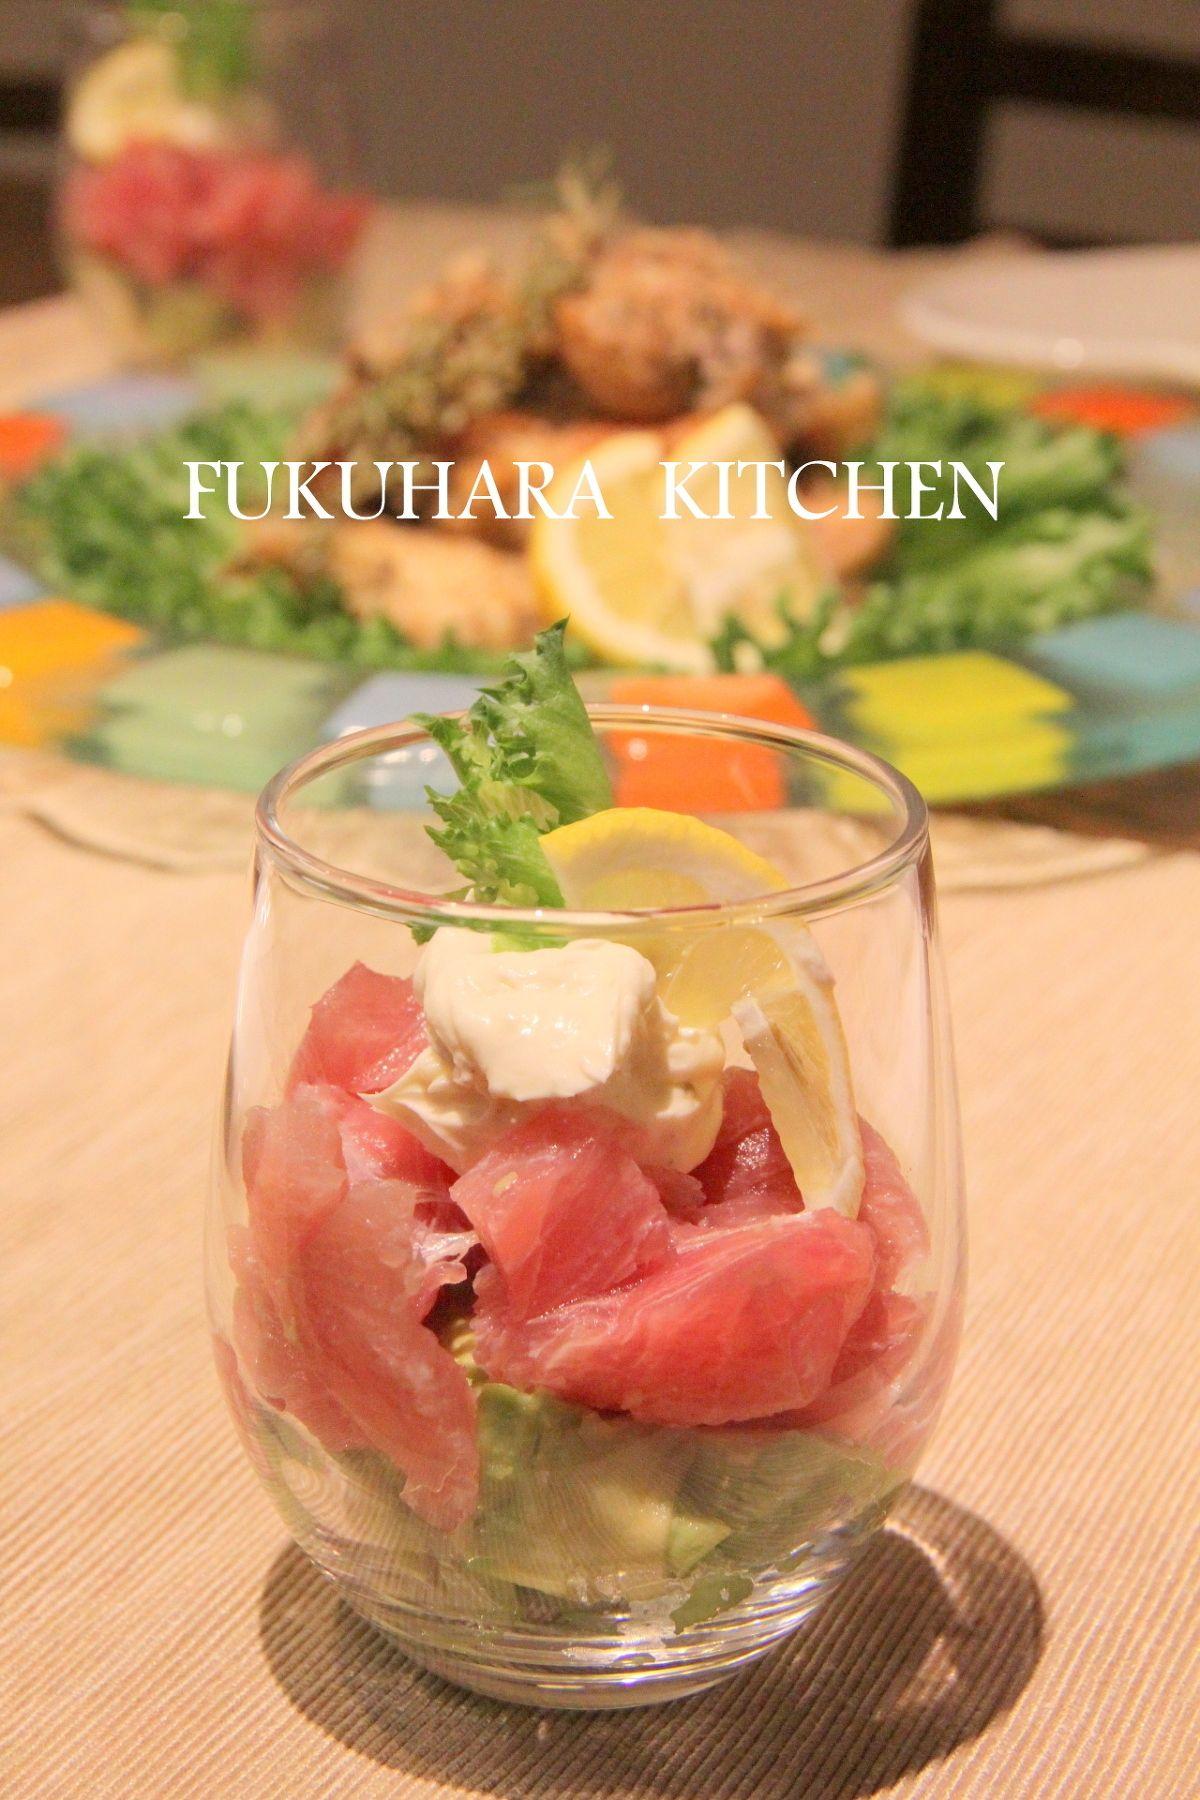 マグロとアボガドのタルタル サワークリームソース by ゆりりん | レシピサイト「Nadia | ナディア」プロの料理を無料で検索